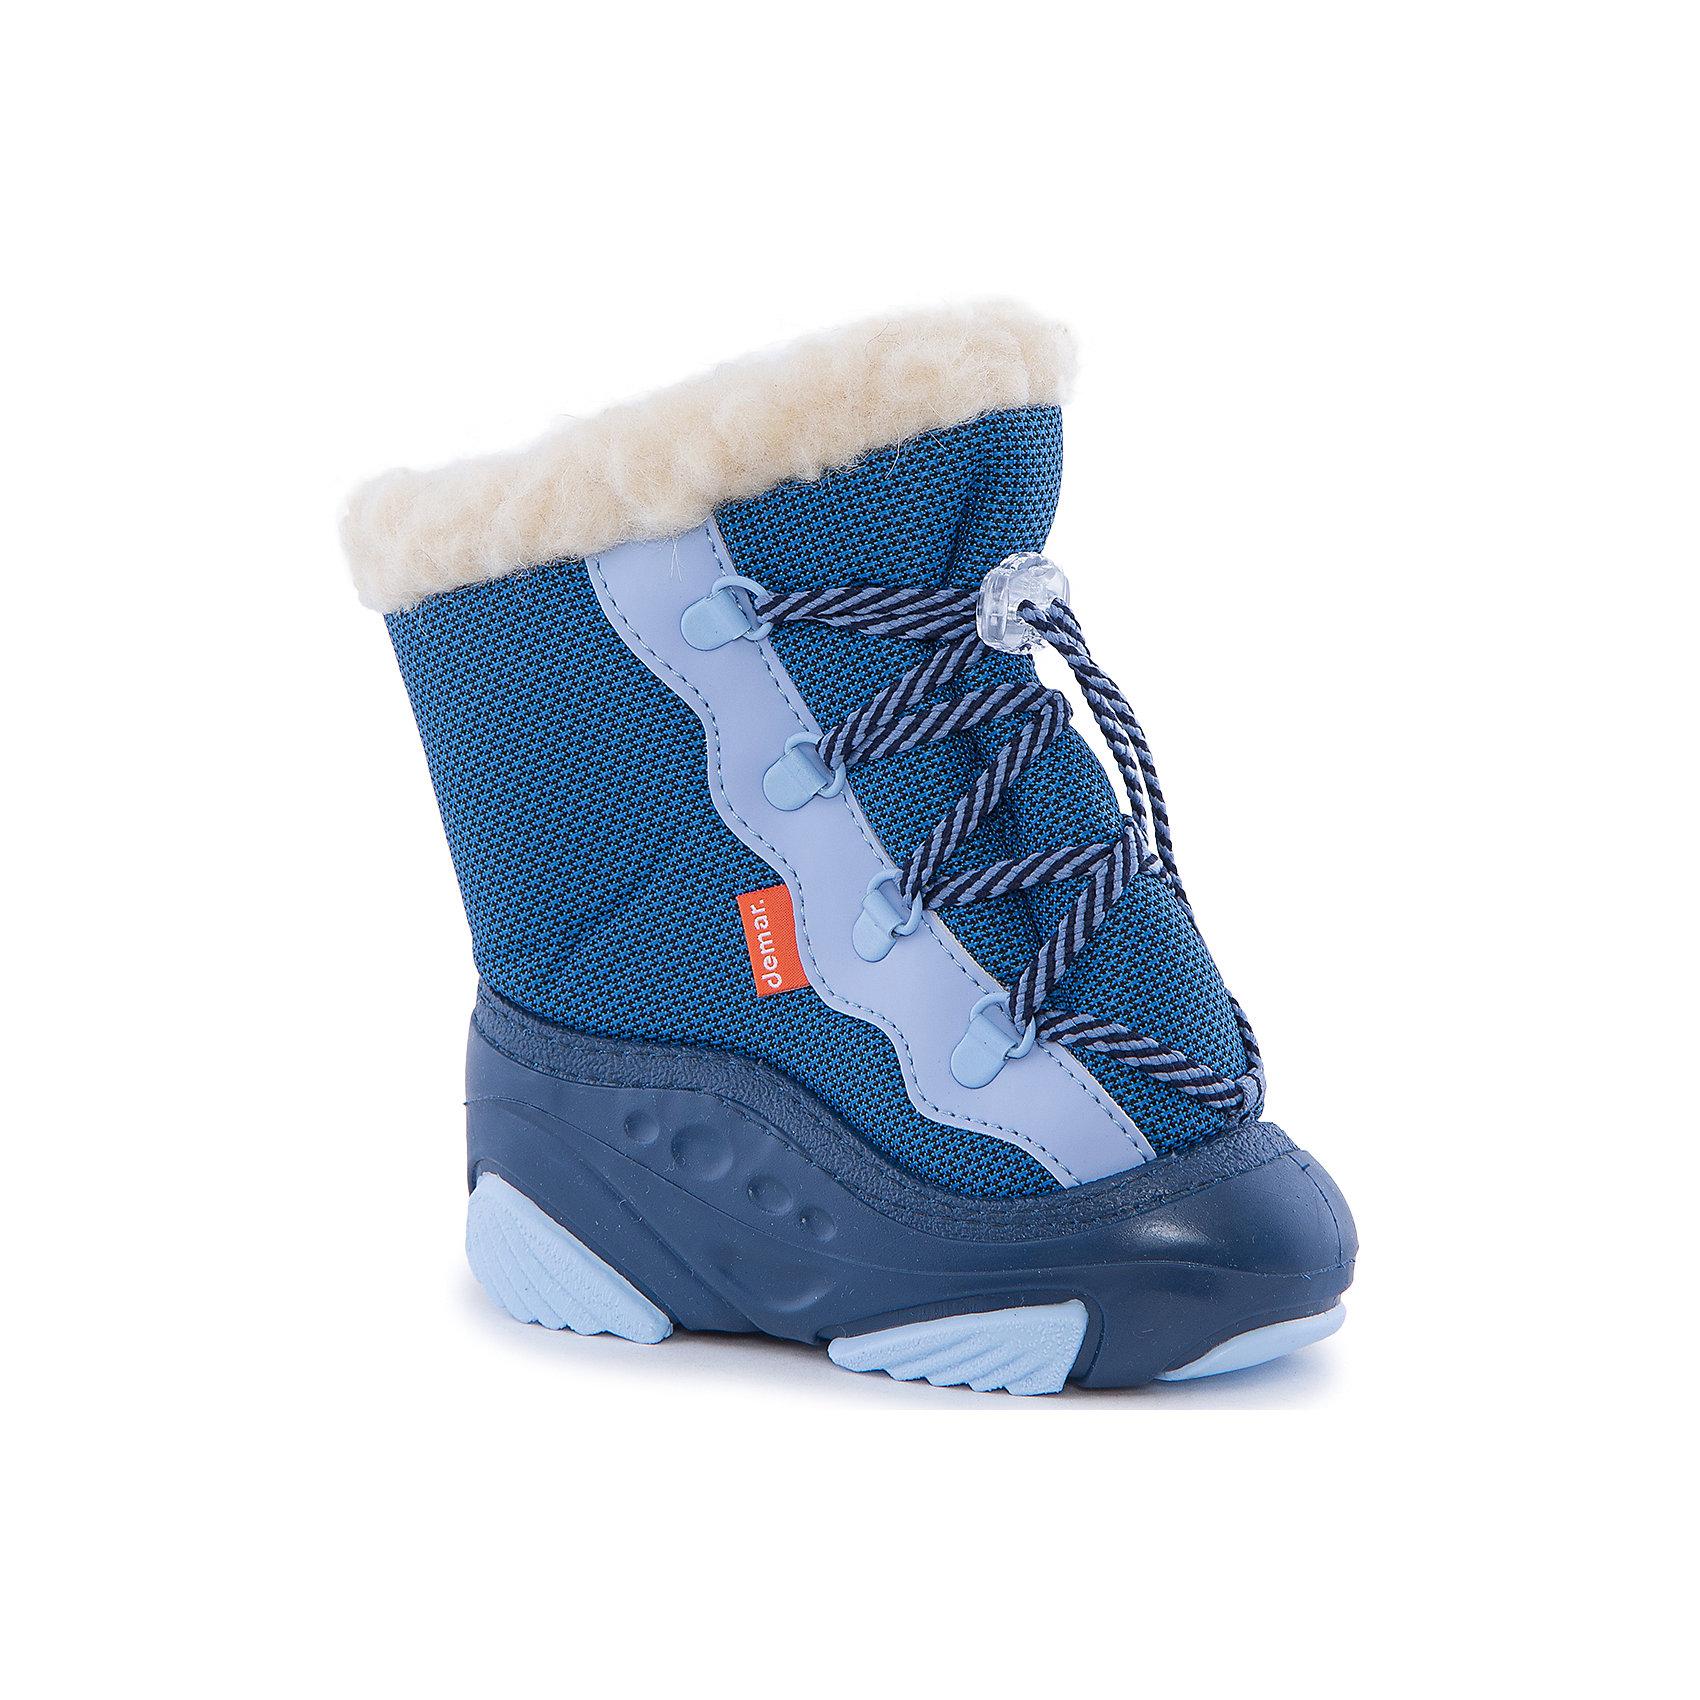 Сноубутсы Snow Mar для мальчика DemarСноубутсы<br>Характеристики товара:<br><br>• цвет: голубой<br>• материал верха: текстиль<br>• материал подкладки: 100% натуральная шерсть <br>• материал подошвы: ТЭП<br>• температурный режим: от -20° до 0° С<br>• верх не продувается, пропитка от грязи и влаги<br>• анискользящая подошва<br>• шнурок<br>• усиленные пятка и носок<br>• страна бренда: Польша<br>• страна изготовитель: Польша<br><br>Зима - это время катания с горок, игр в снежки, лепки снеговиков и прогулок в снегопад! Чтобы не пропустить главные зимние удовольствия, нужно запастись теплой и удобной обувью. Такие сапожки обеспечат ребенку необходимый для активного отдыха комфорт, а подкладка из натуральной овечьей шерсти позволит ножкам оставаться теплыми. Сапожки легко надеваются и снимаются, отлично сидят на ноге. Они удивительно легкие!<br>Обувь от польского бренда Demar - это качественные товары, созданные с применением новейших технологий и с использованием как натуральных, так и высокотехнологичных материалов. Обувь отличается стильным дизайном и продуманной конструкцией. Изделие производится из качественных и проверенных материалов, которые безопасны для детей.<br><br>Сапожки для мальчика от бренда Demar (Демар) можно купить в нашем интернет-магазине.<br><br>Ширина мм: 257<br>Глубина мм: 180<br>Высота мм: 130<br>Вес г: 420<br>Цвет: голубой<br>Возраст от месяцев: 48<br>Возраст до месяцев: 60<br>Пол: Мужской<br>Возраст: Детский<br>Размер: 28/29,20/21,22/23,26/27,24/25<br>SKU: 4366131